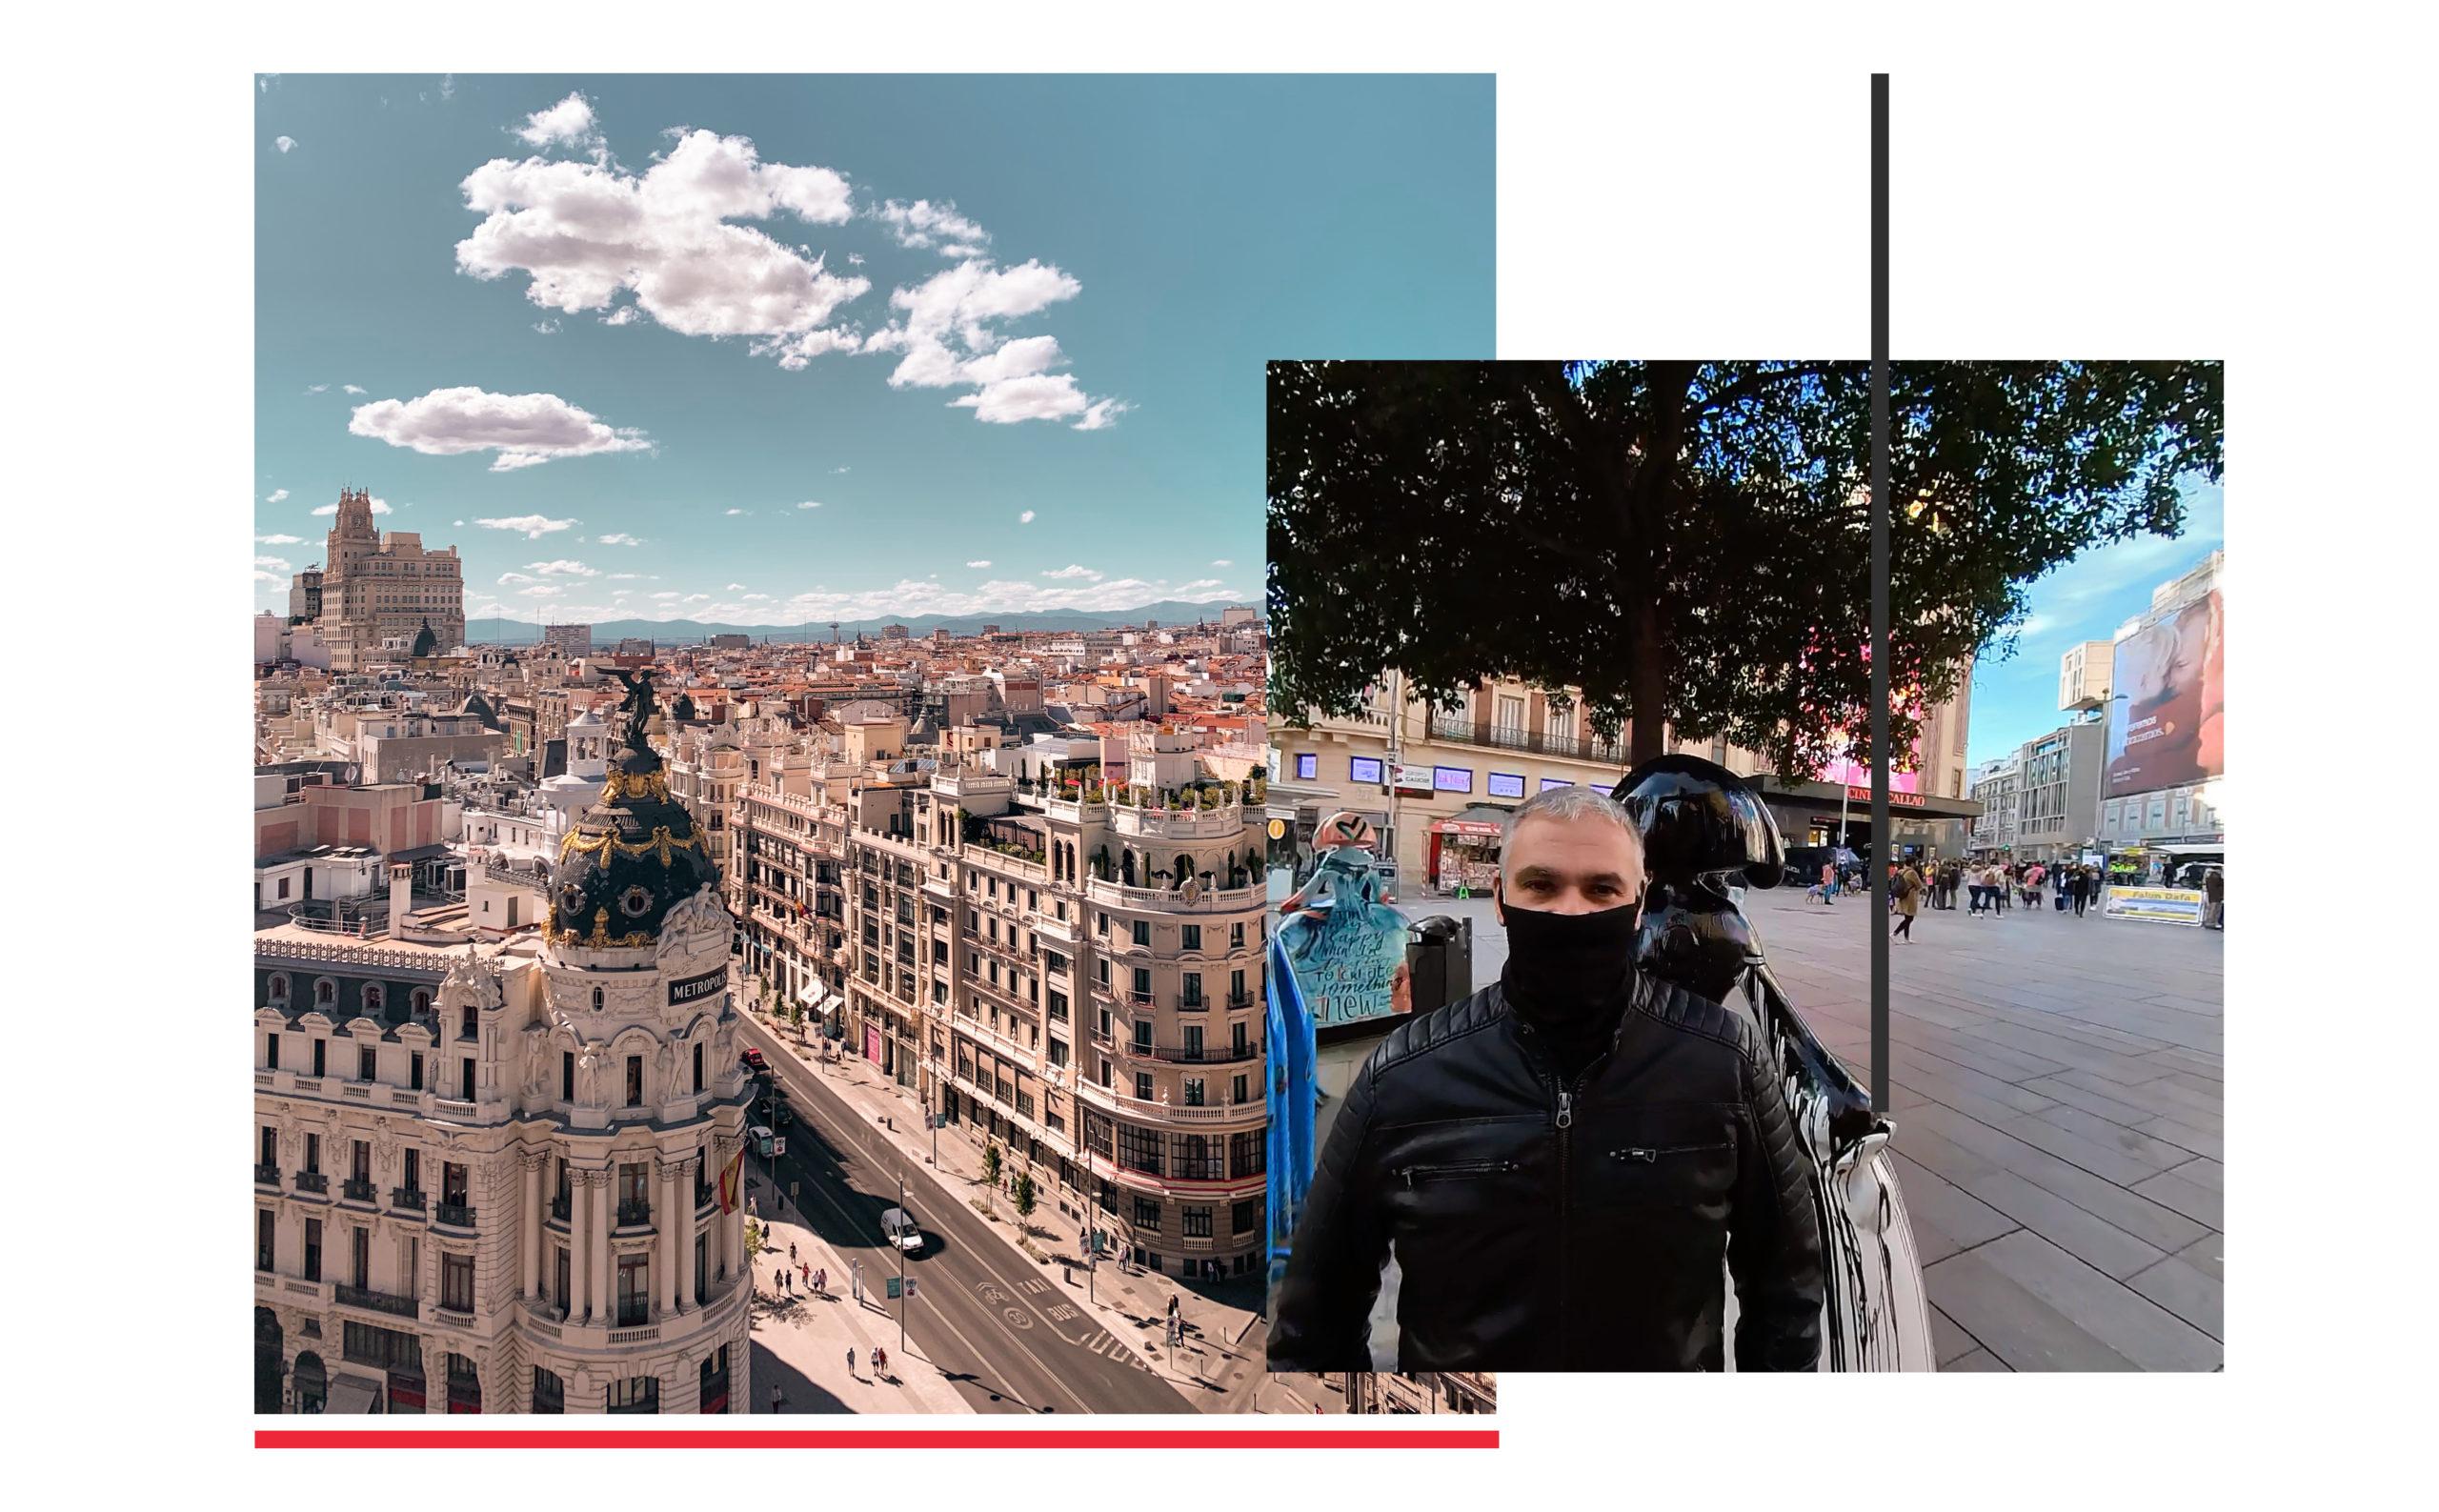 Turismo Madrid. Qué ver en Madrid. Plaza de Callao hasta la Plaza de Oriente Plaza de Callao Guillermo Morante